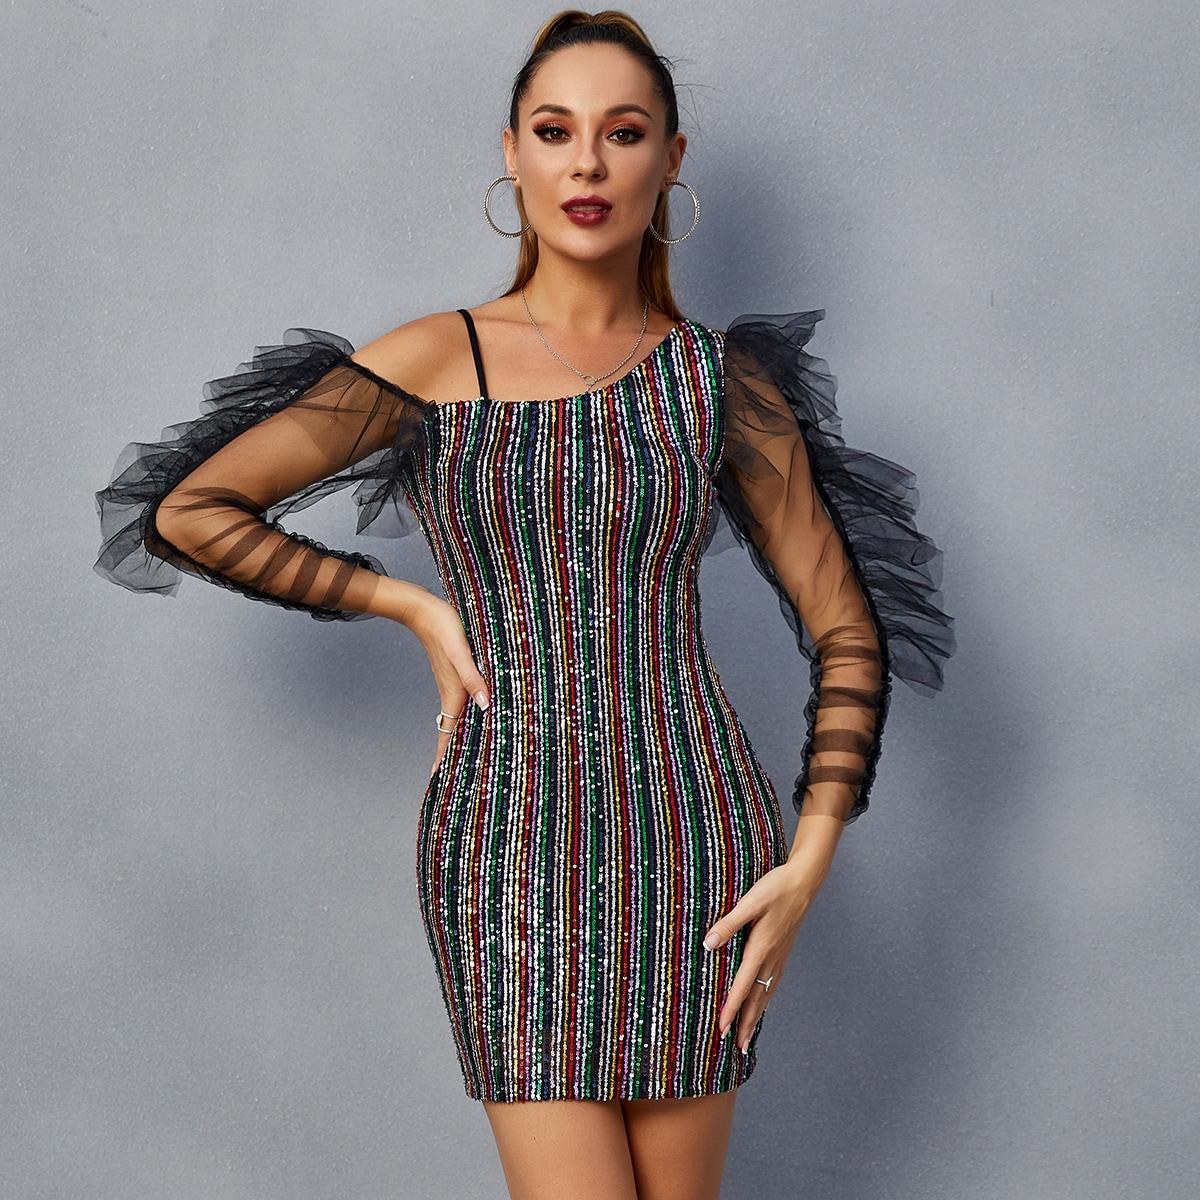 DKRX Асимметричное облегающее платье в полоску с блестками